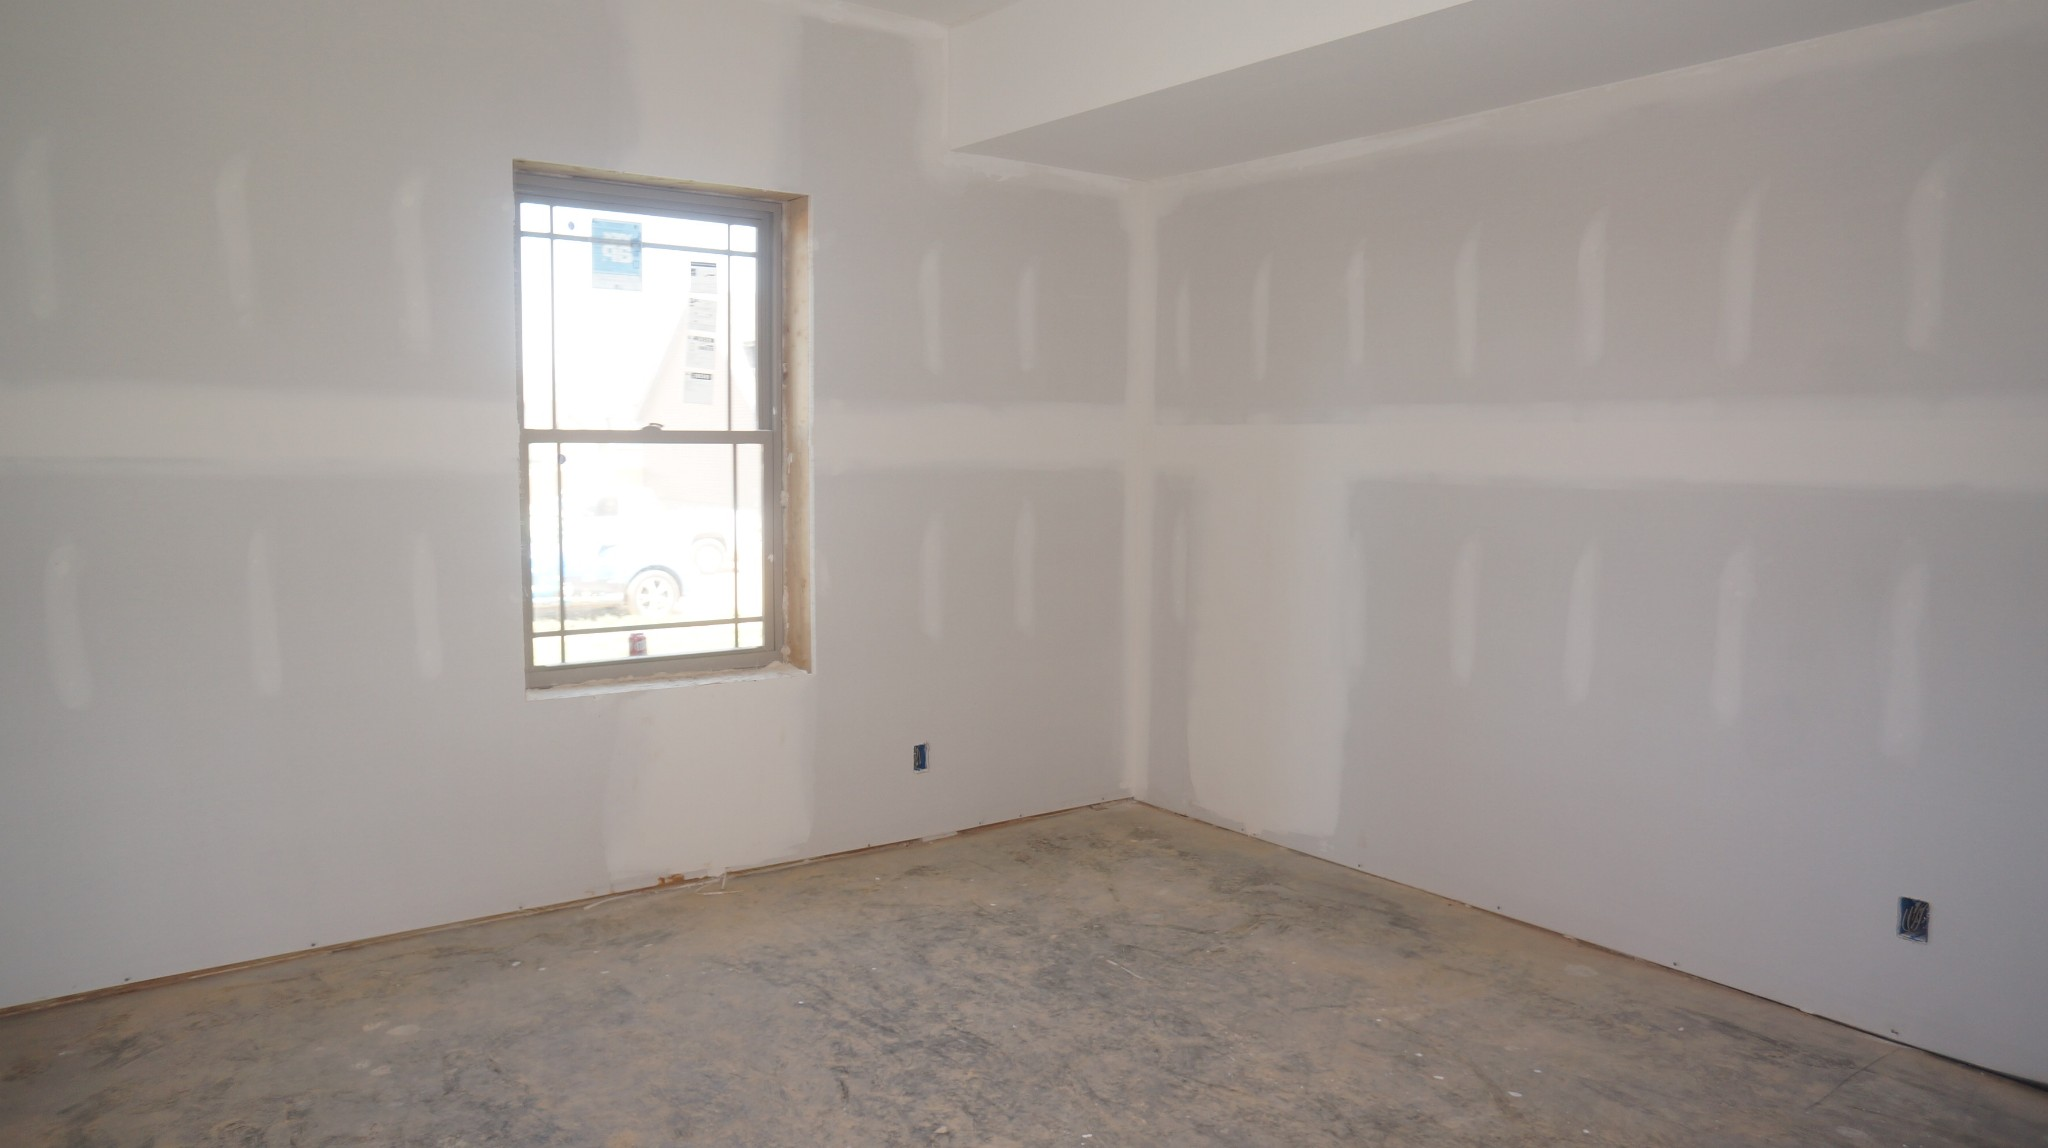 465 Autumnwood Farms , Clarksville, TN 37042 - Clarksville, TN real estate listing